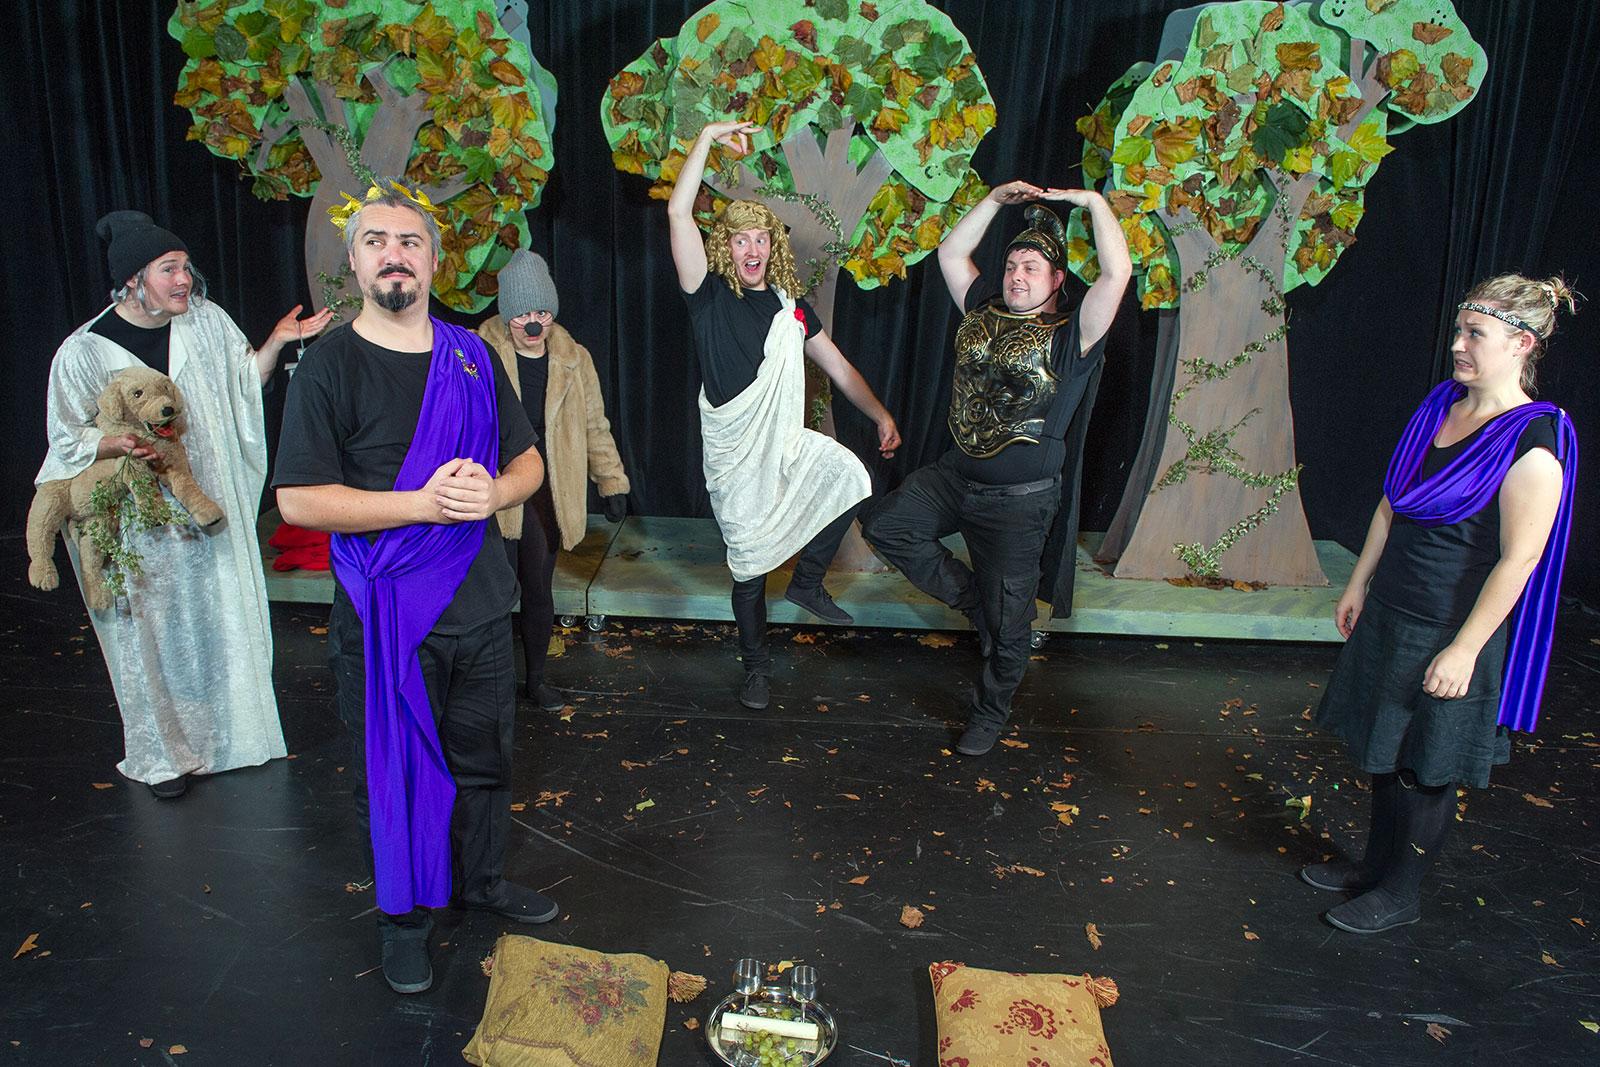 A Midsummer's Night Dream - c21 Theatre Company